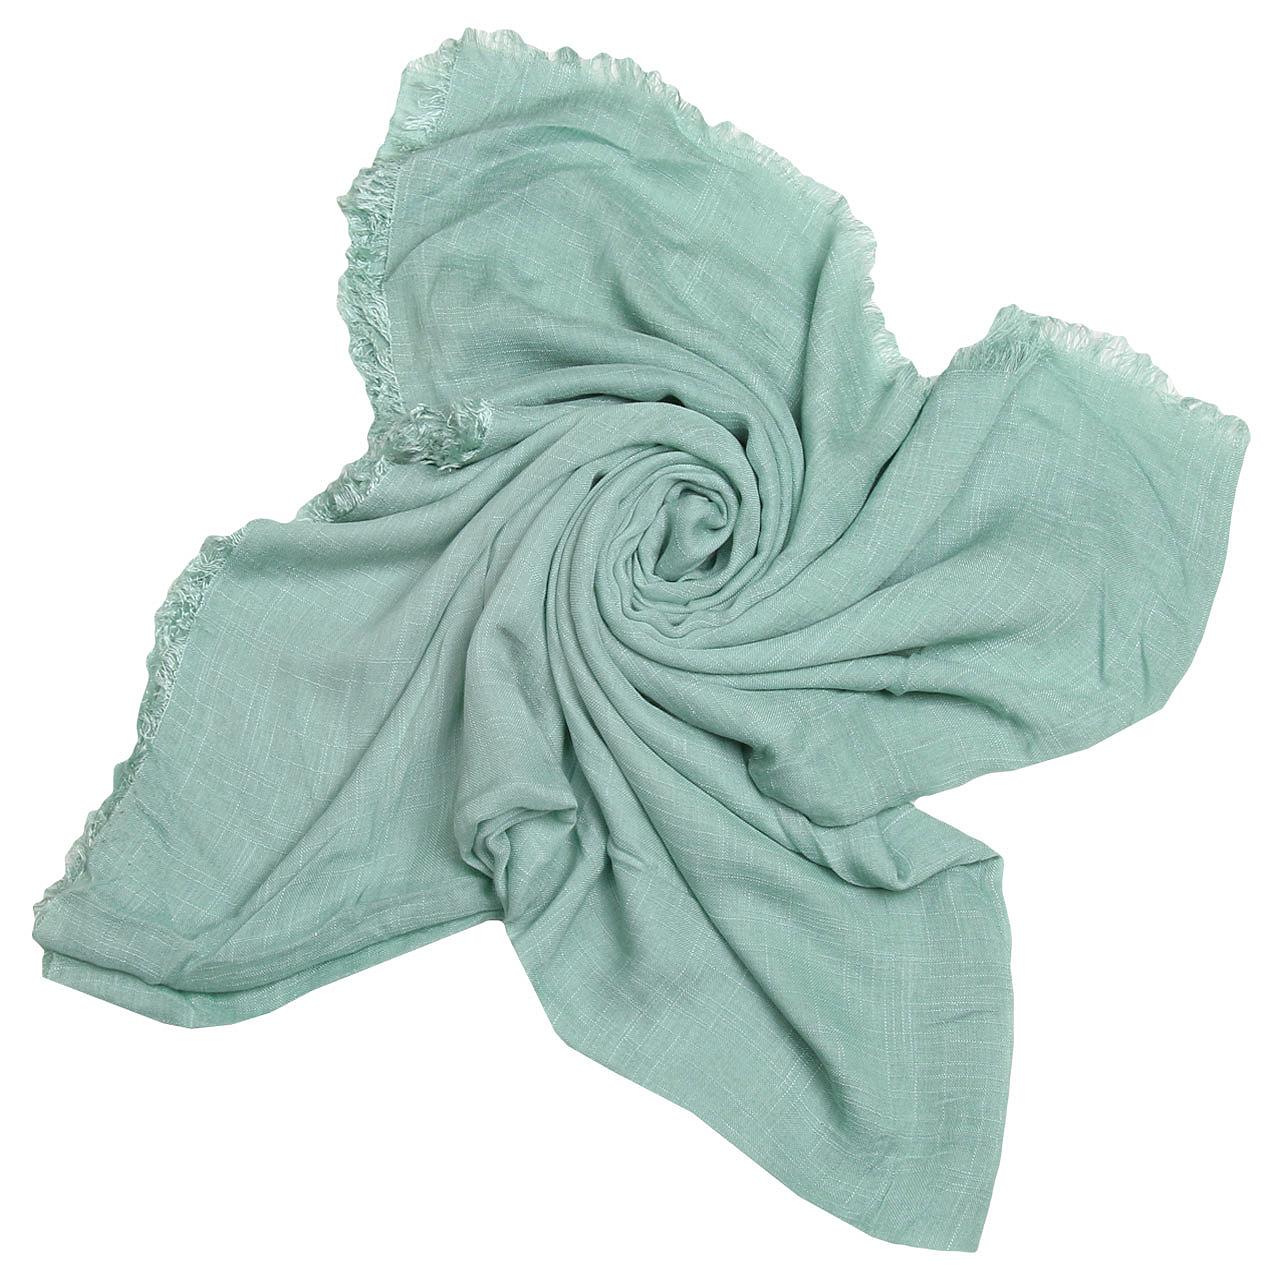 روسری قواره بزرگ زنانه کد 286000725